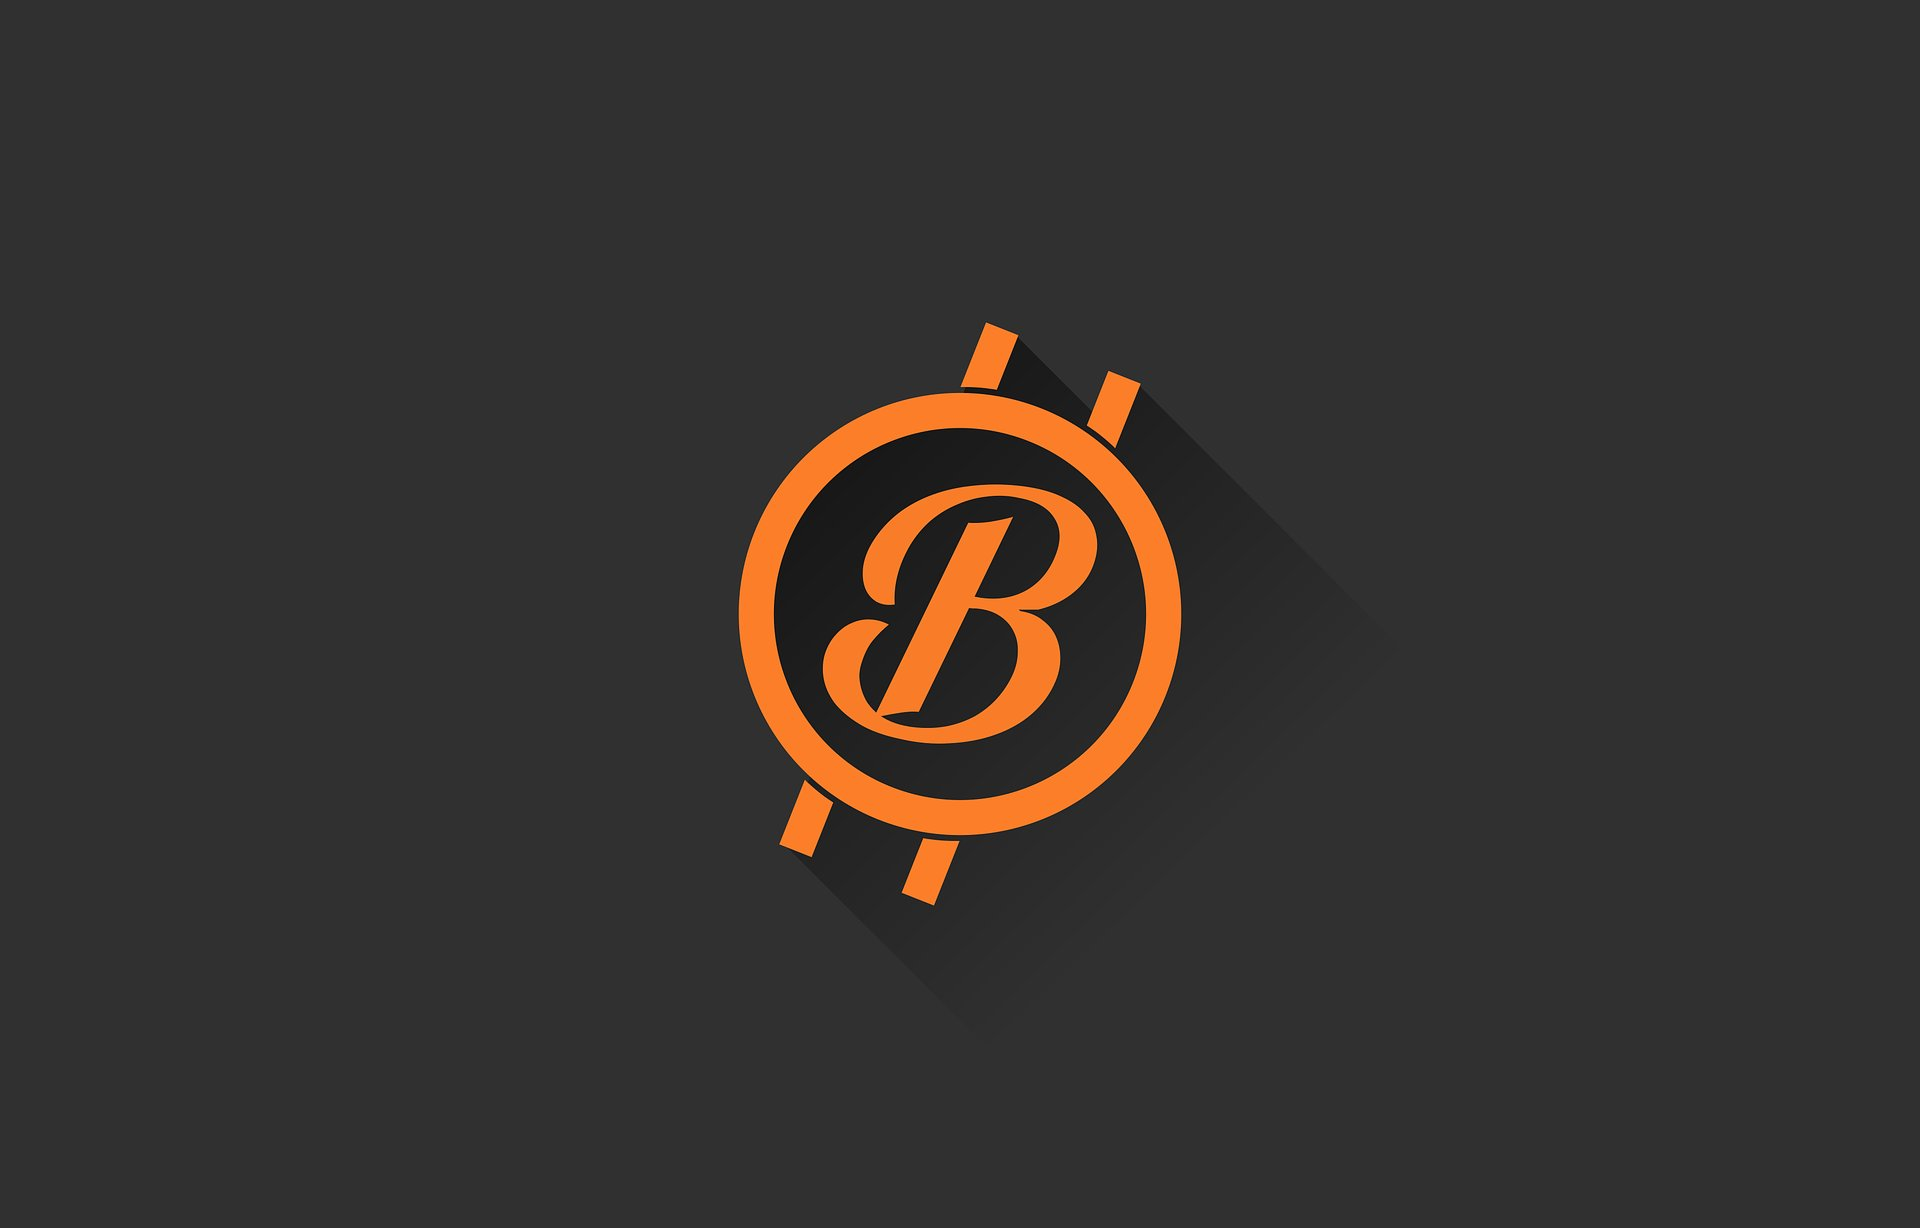 bitcoin-1923206_1920